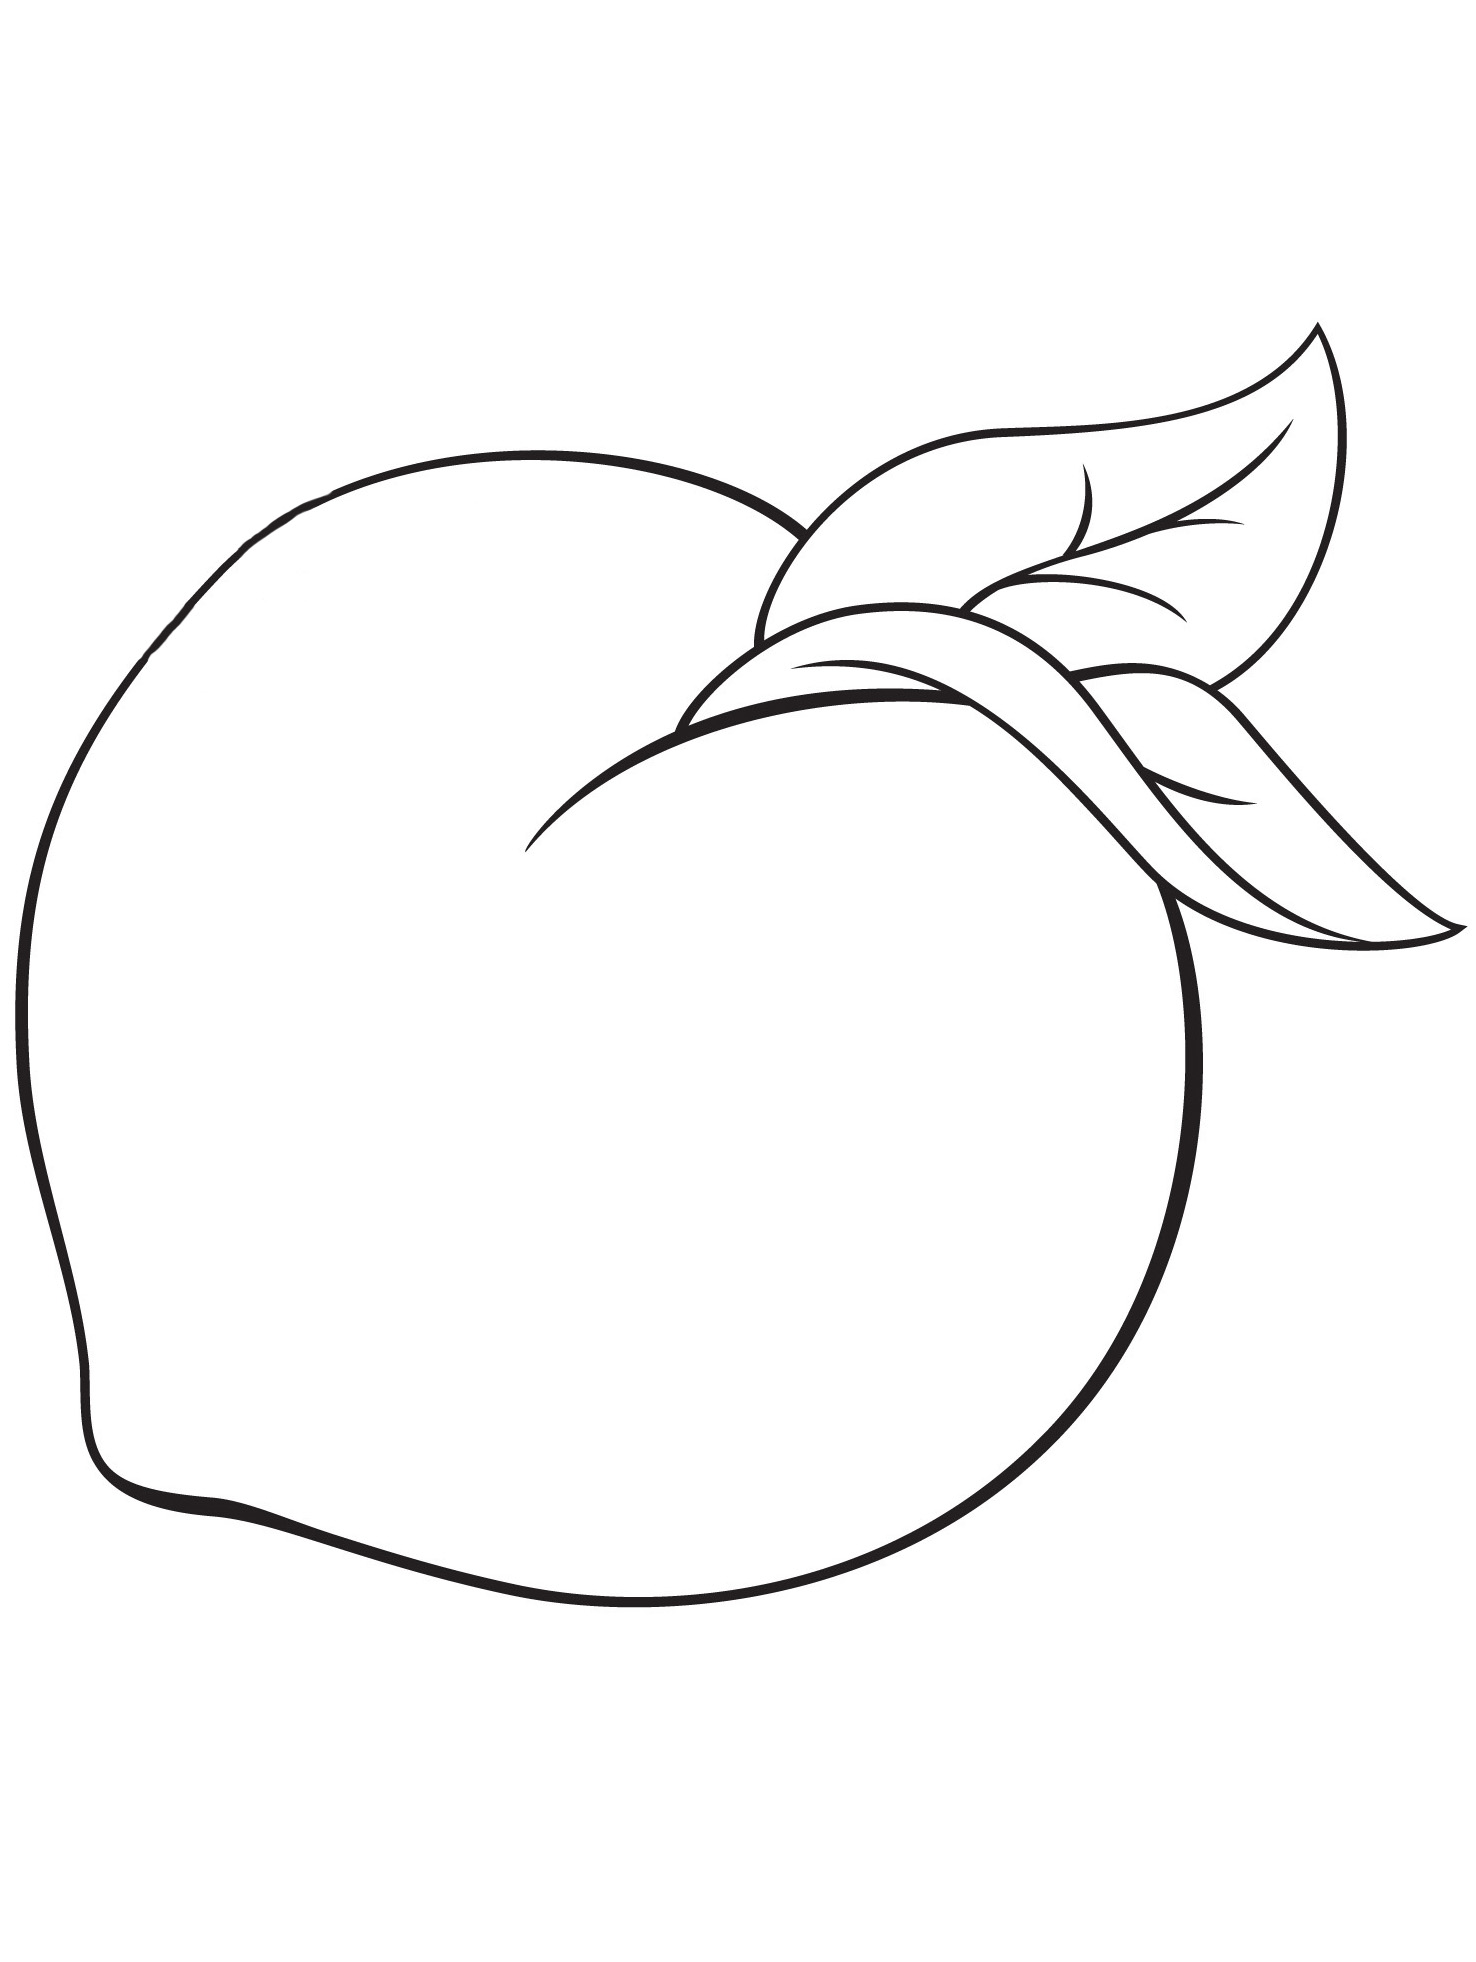 Раскраски контуры фрукты для вырезания из бумаги для детей, для занятий в начальной школе